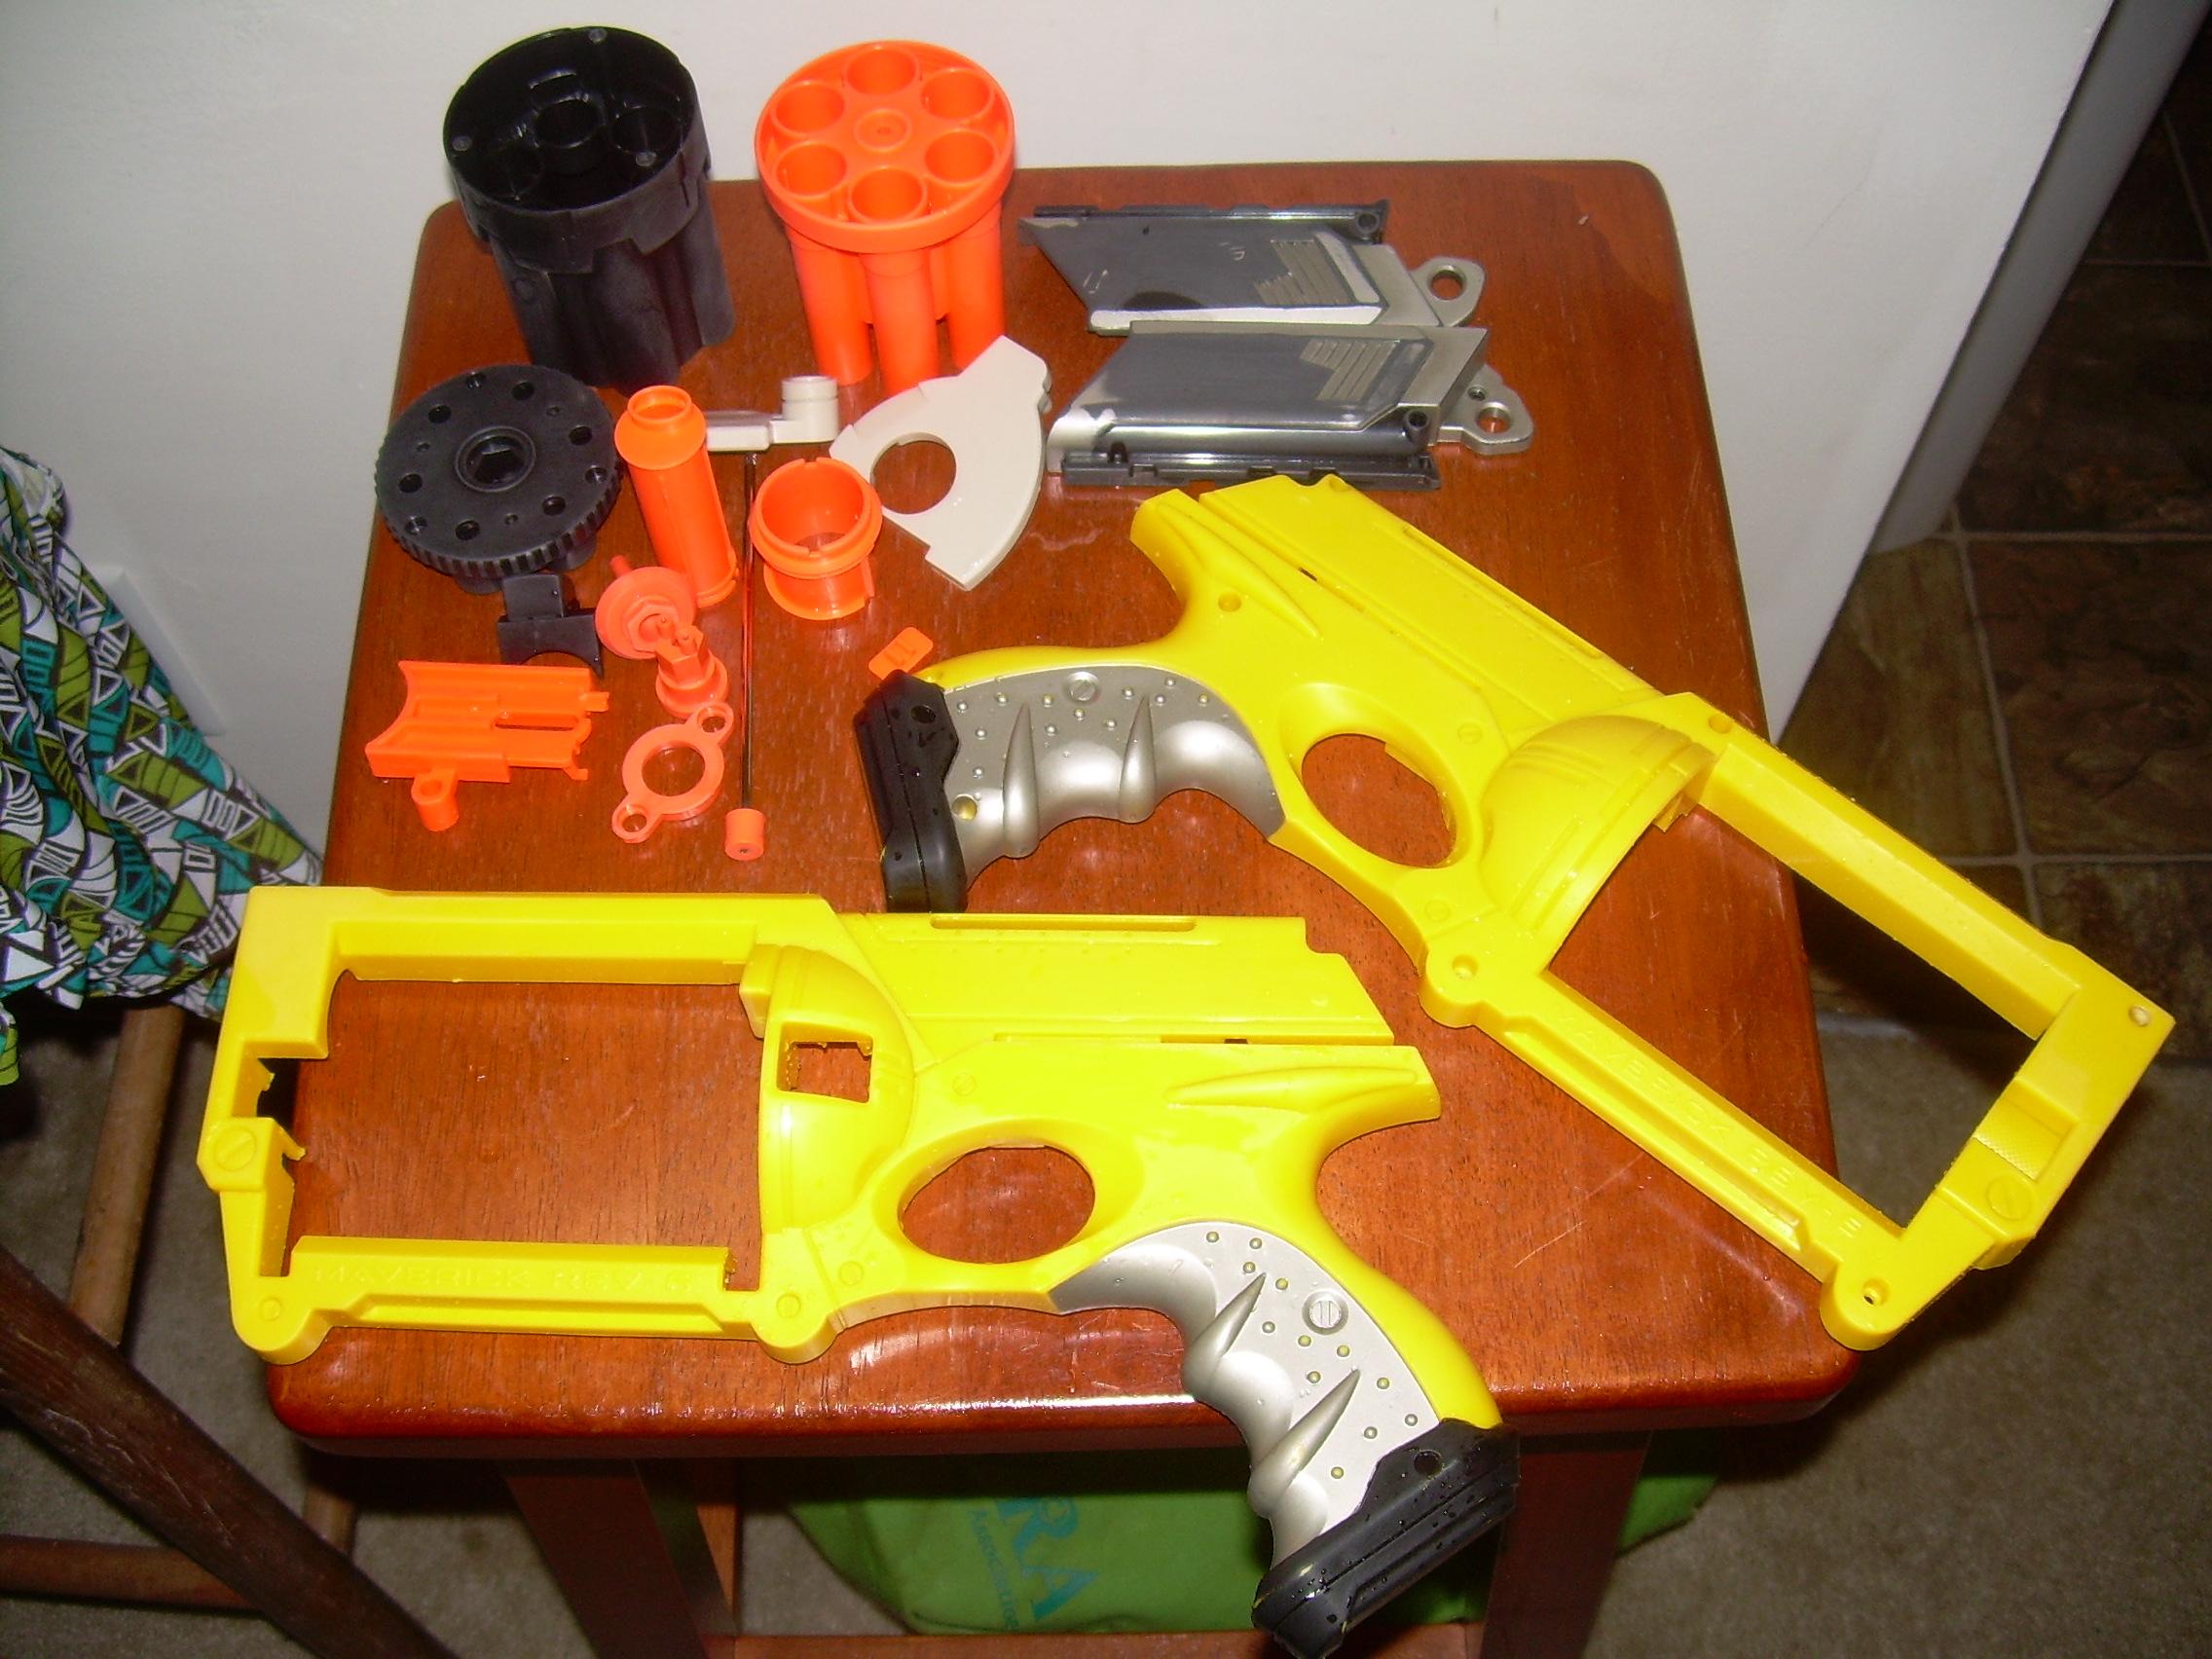 Nerf Maverick parts washed